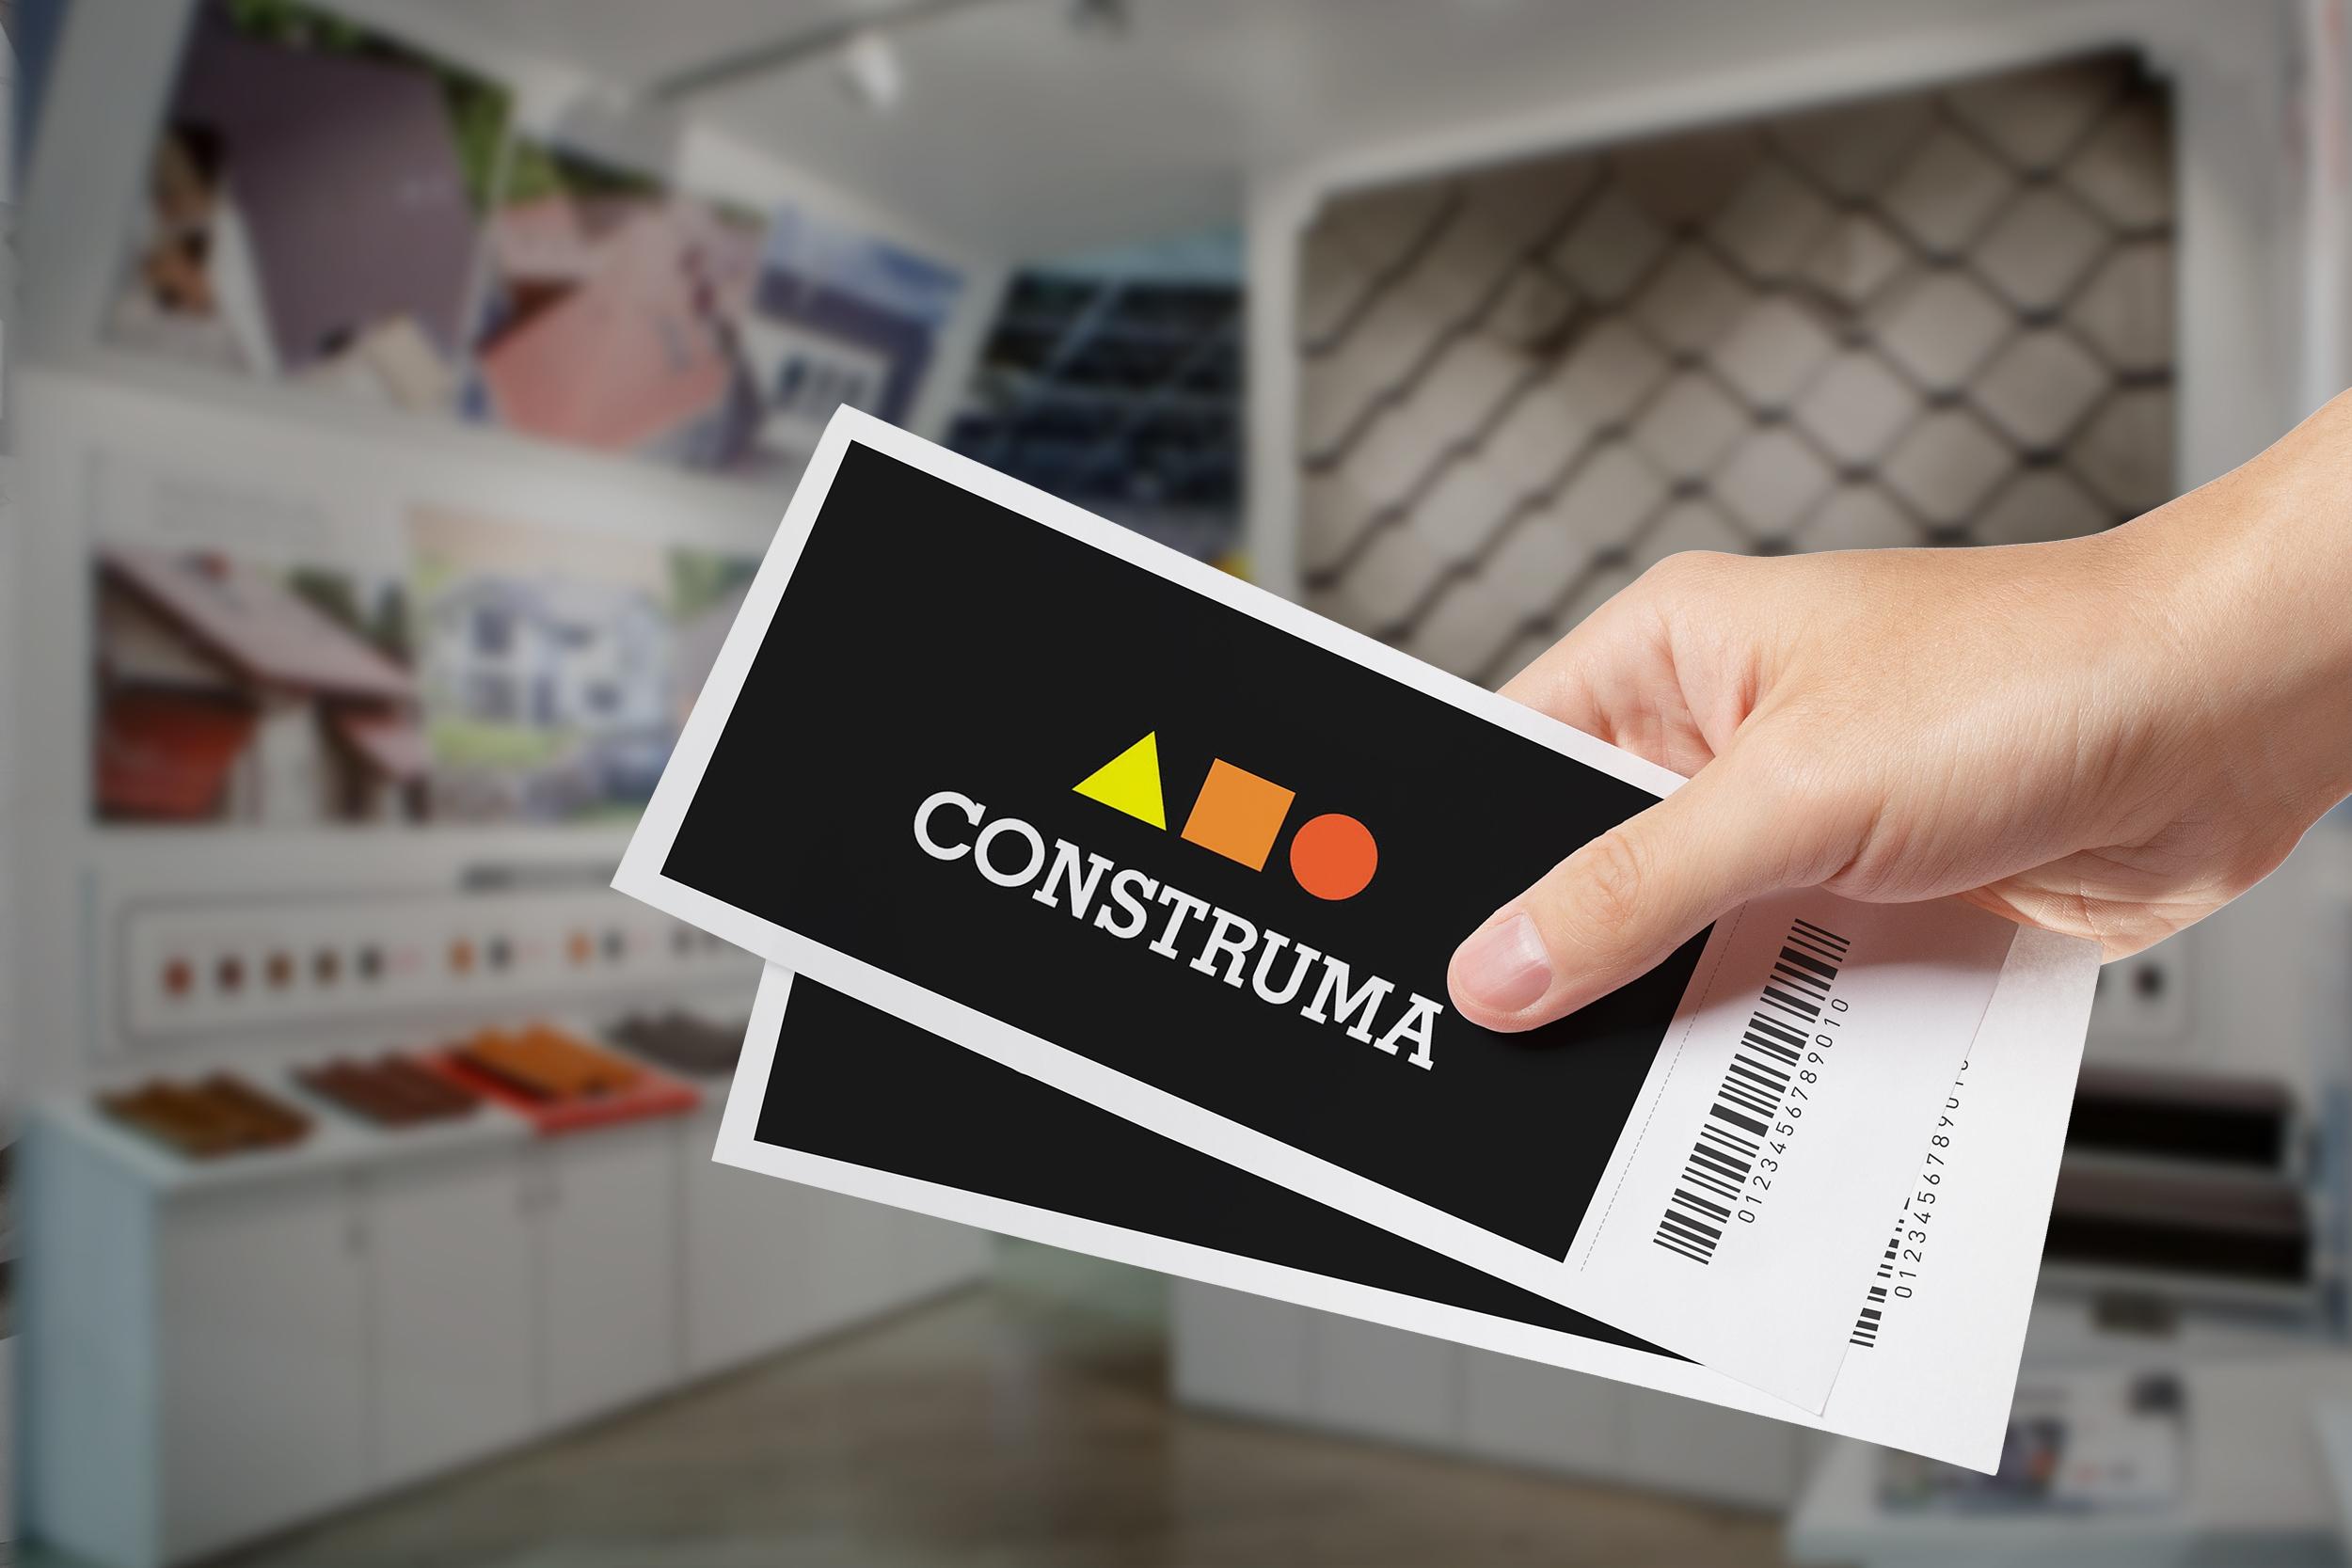 construma_blog_3.jpg